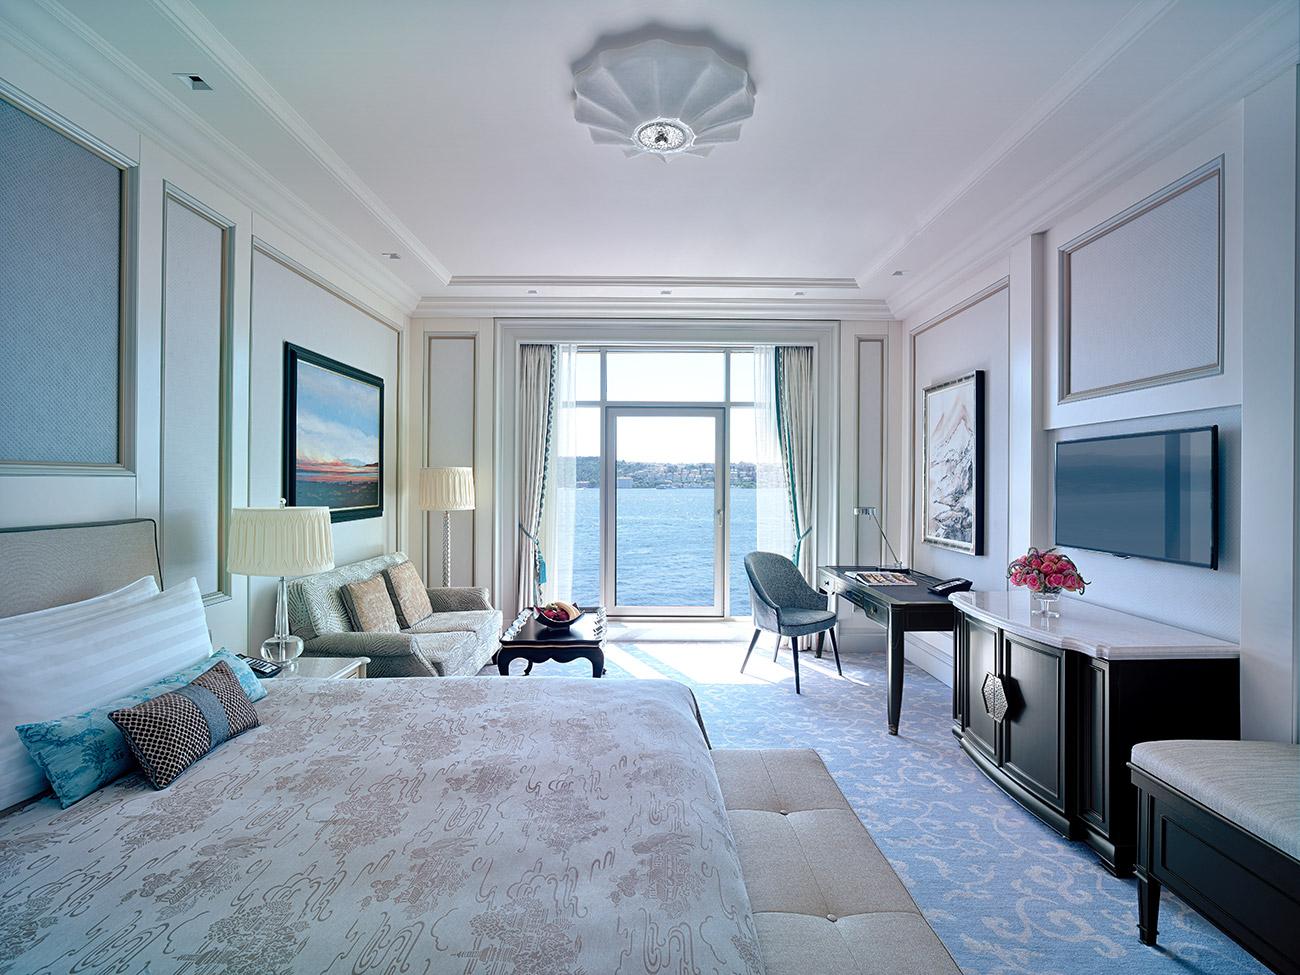 SLIB-Gallery-Premier-Bosphorus-Room.jpg